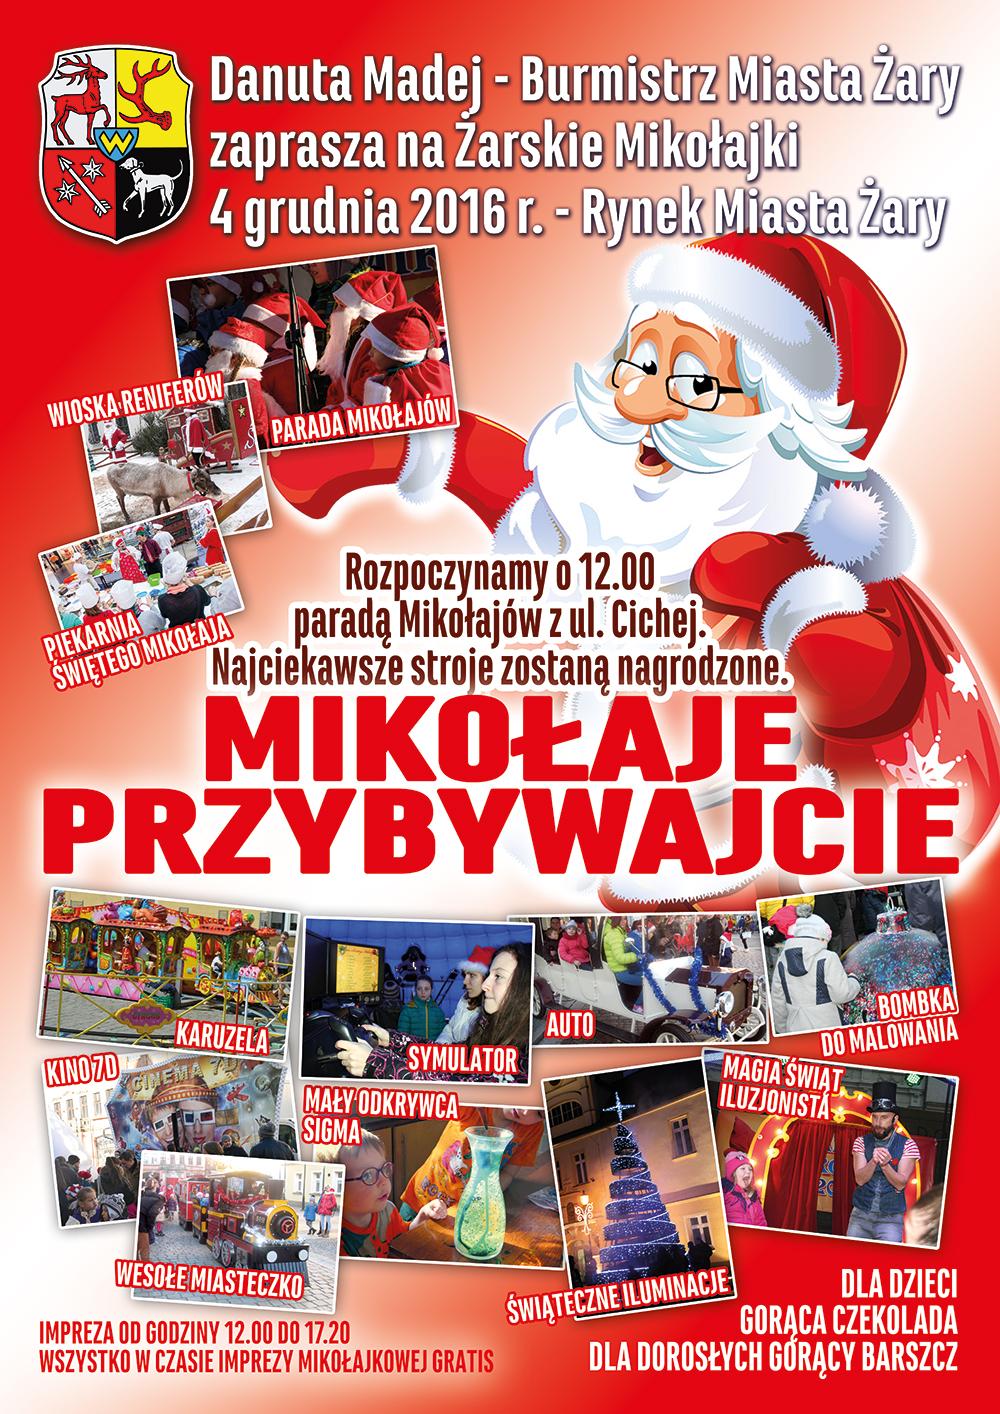 Ilustracja do informacji: Żarskie Mikołajki